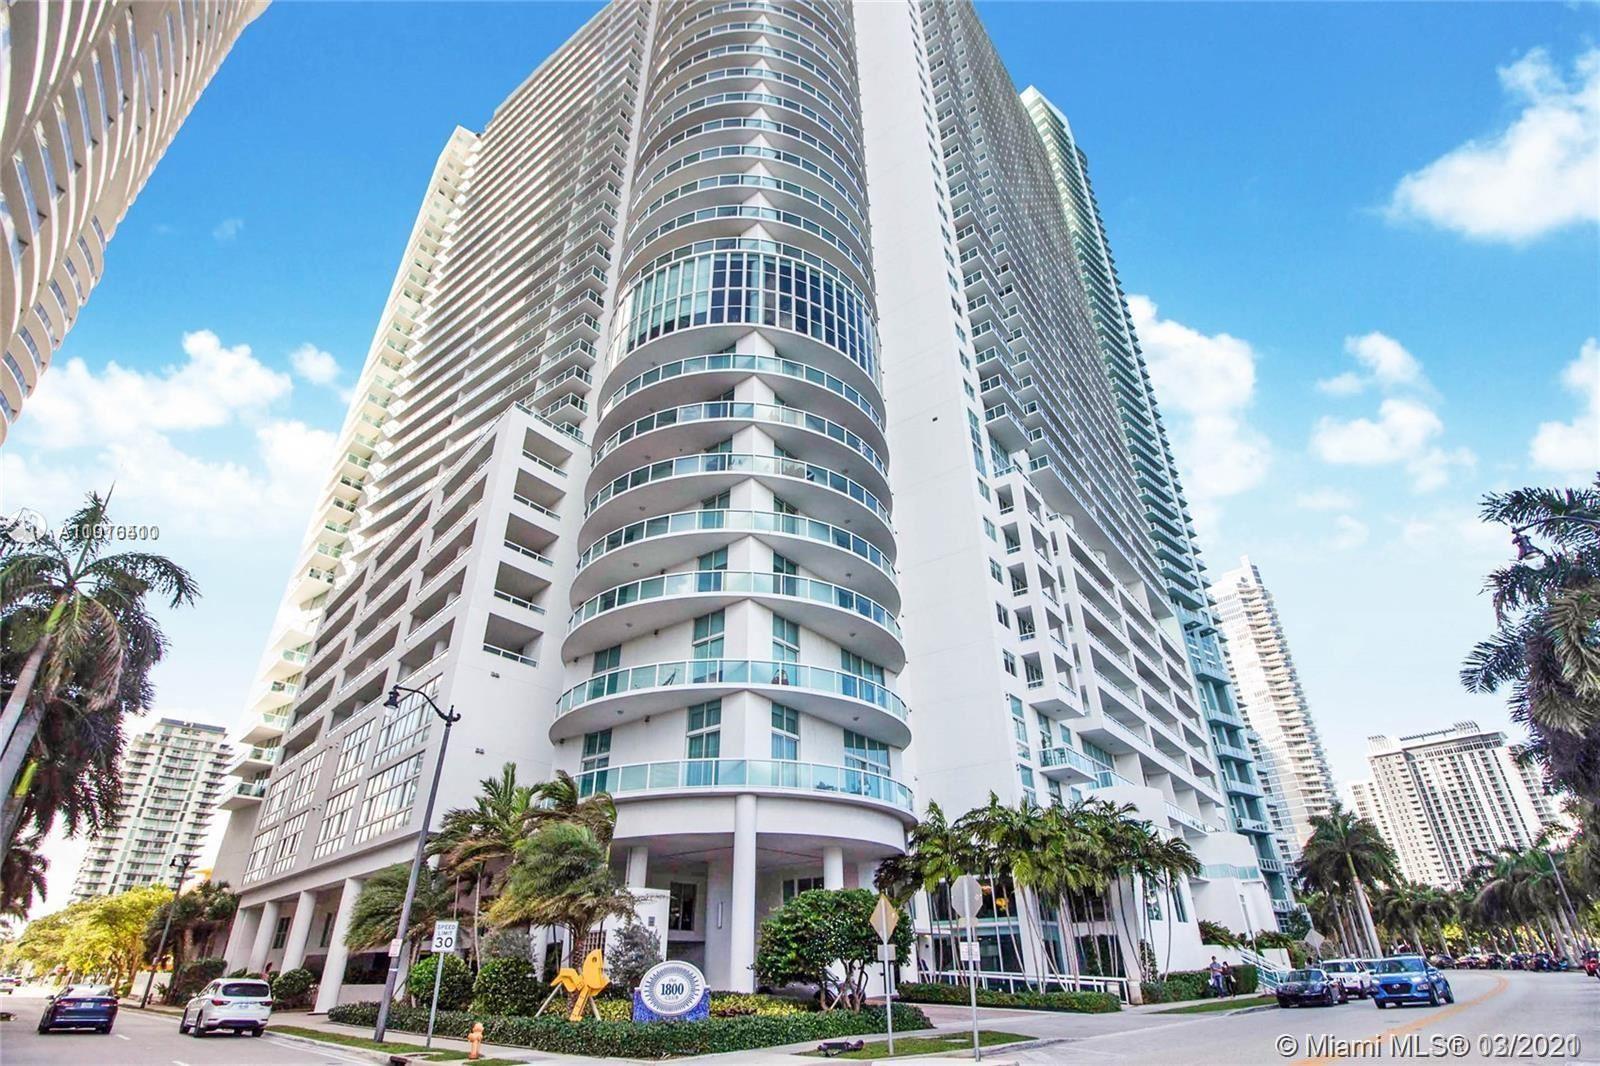 1800 N Bayshore Dr #2511, Miami, FL 33132 - #: A11016410